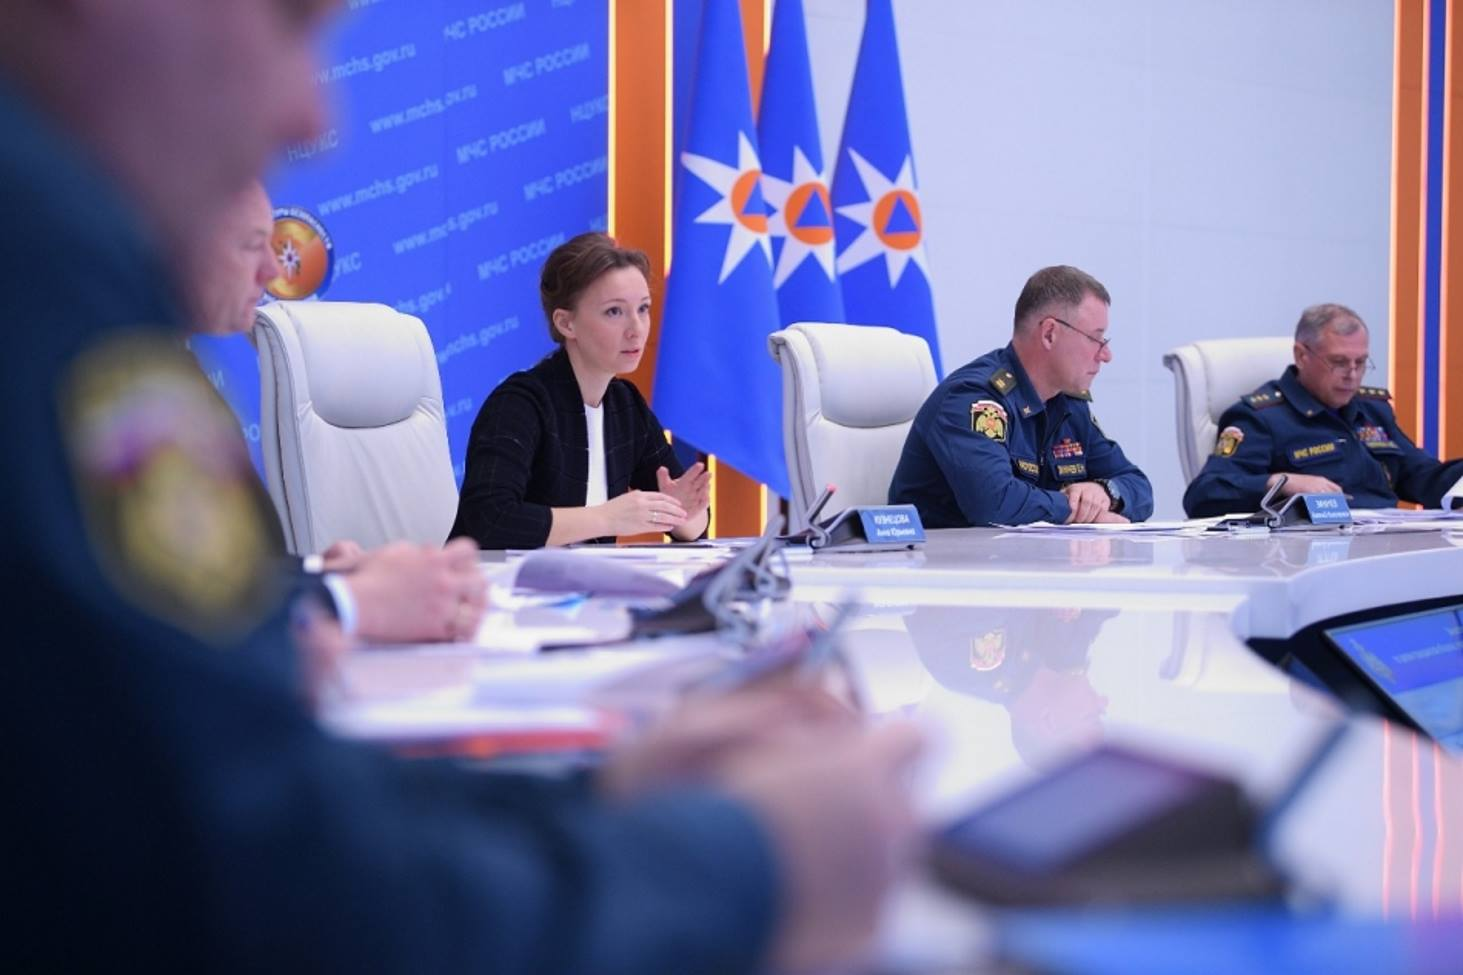 mchs-rossii-i-detskij-ombudsmen-anna-kuznetsova-zapustili-mesyats-bezopasnosti